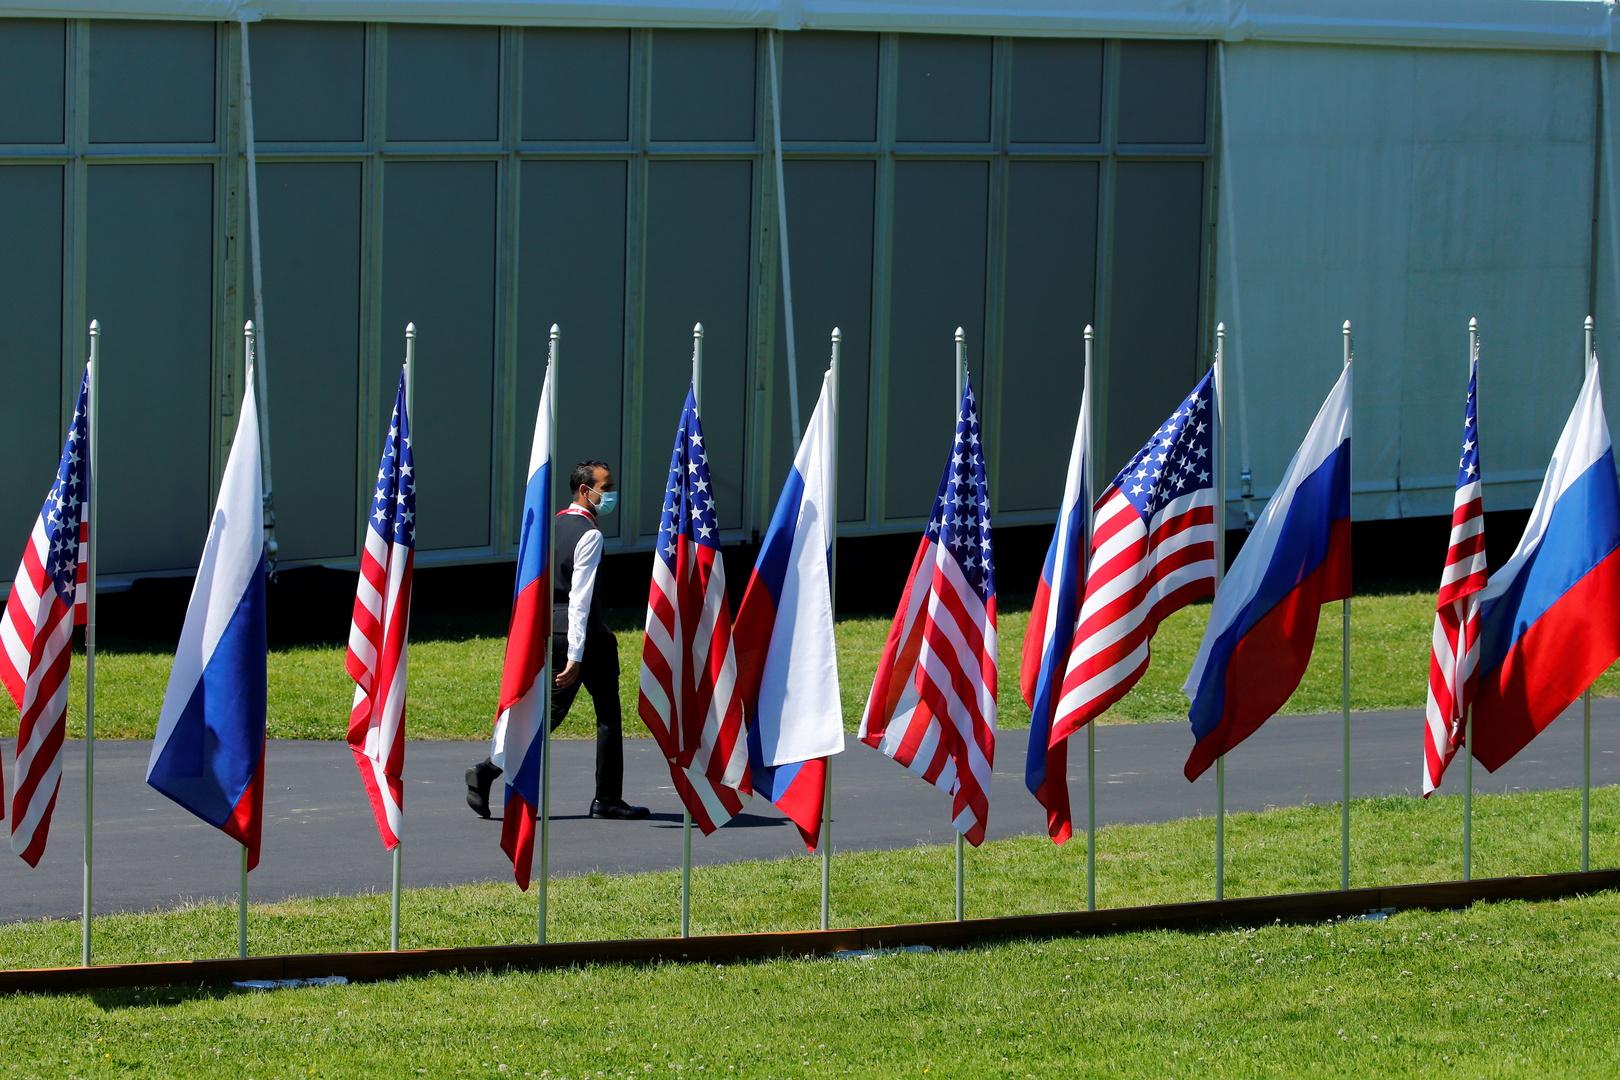 اللجنة الروسية الأمريكية الخاصة بمعاهدة الحد من الأسلحة الهجومية الاستراتيجية تجتمع في جنيف